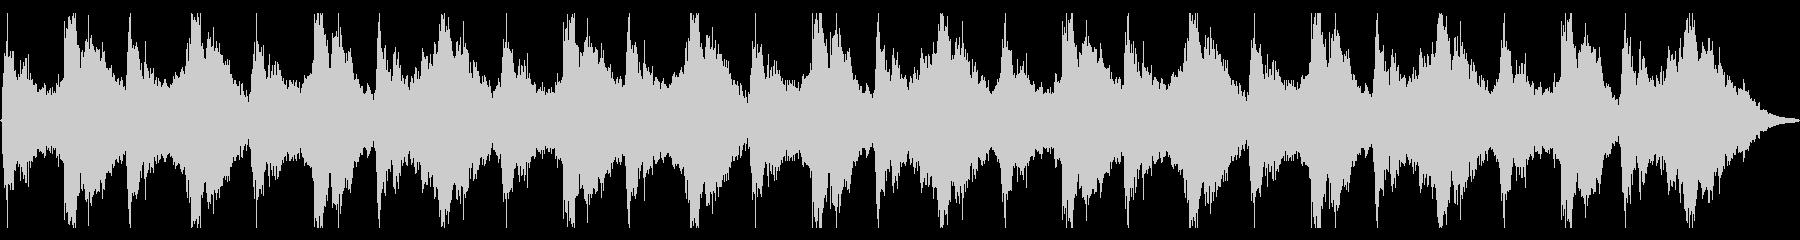 不安定なバイオリンの不穏なBGMの未再生の波形